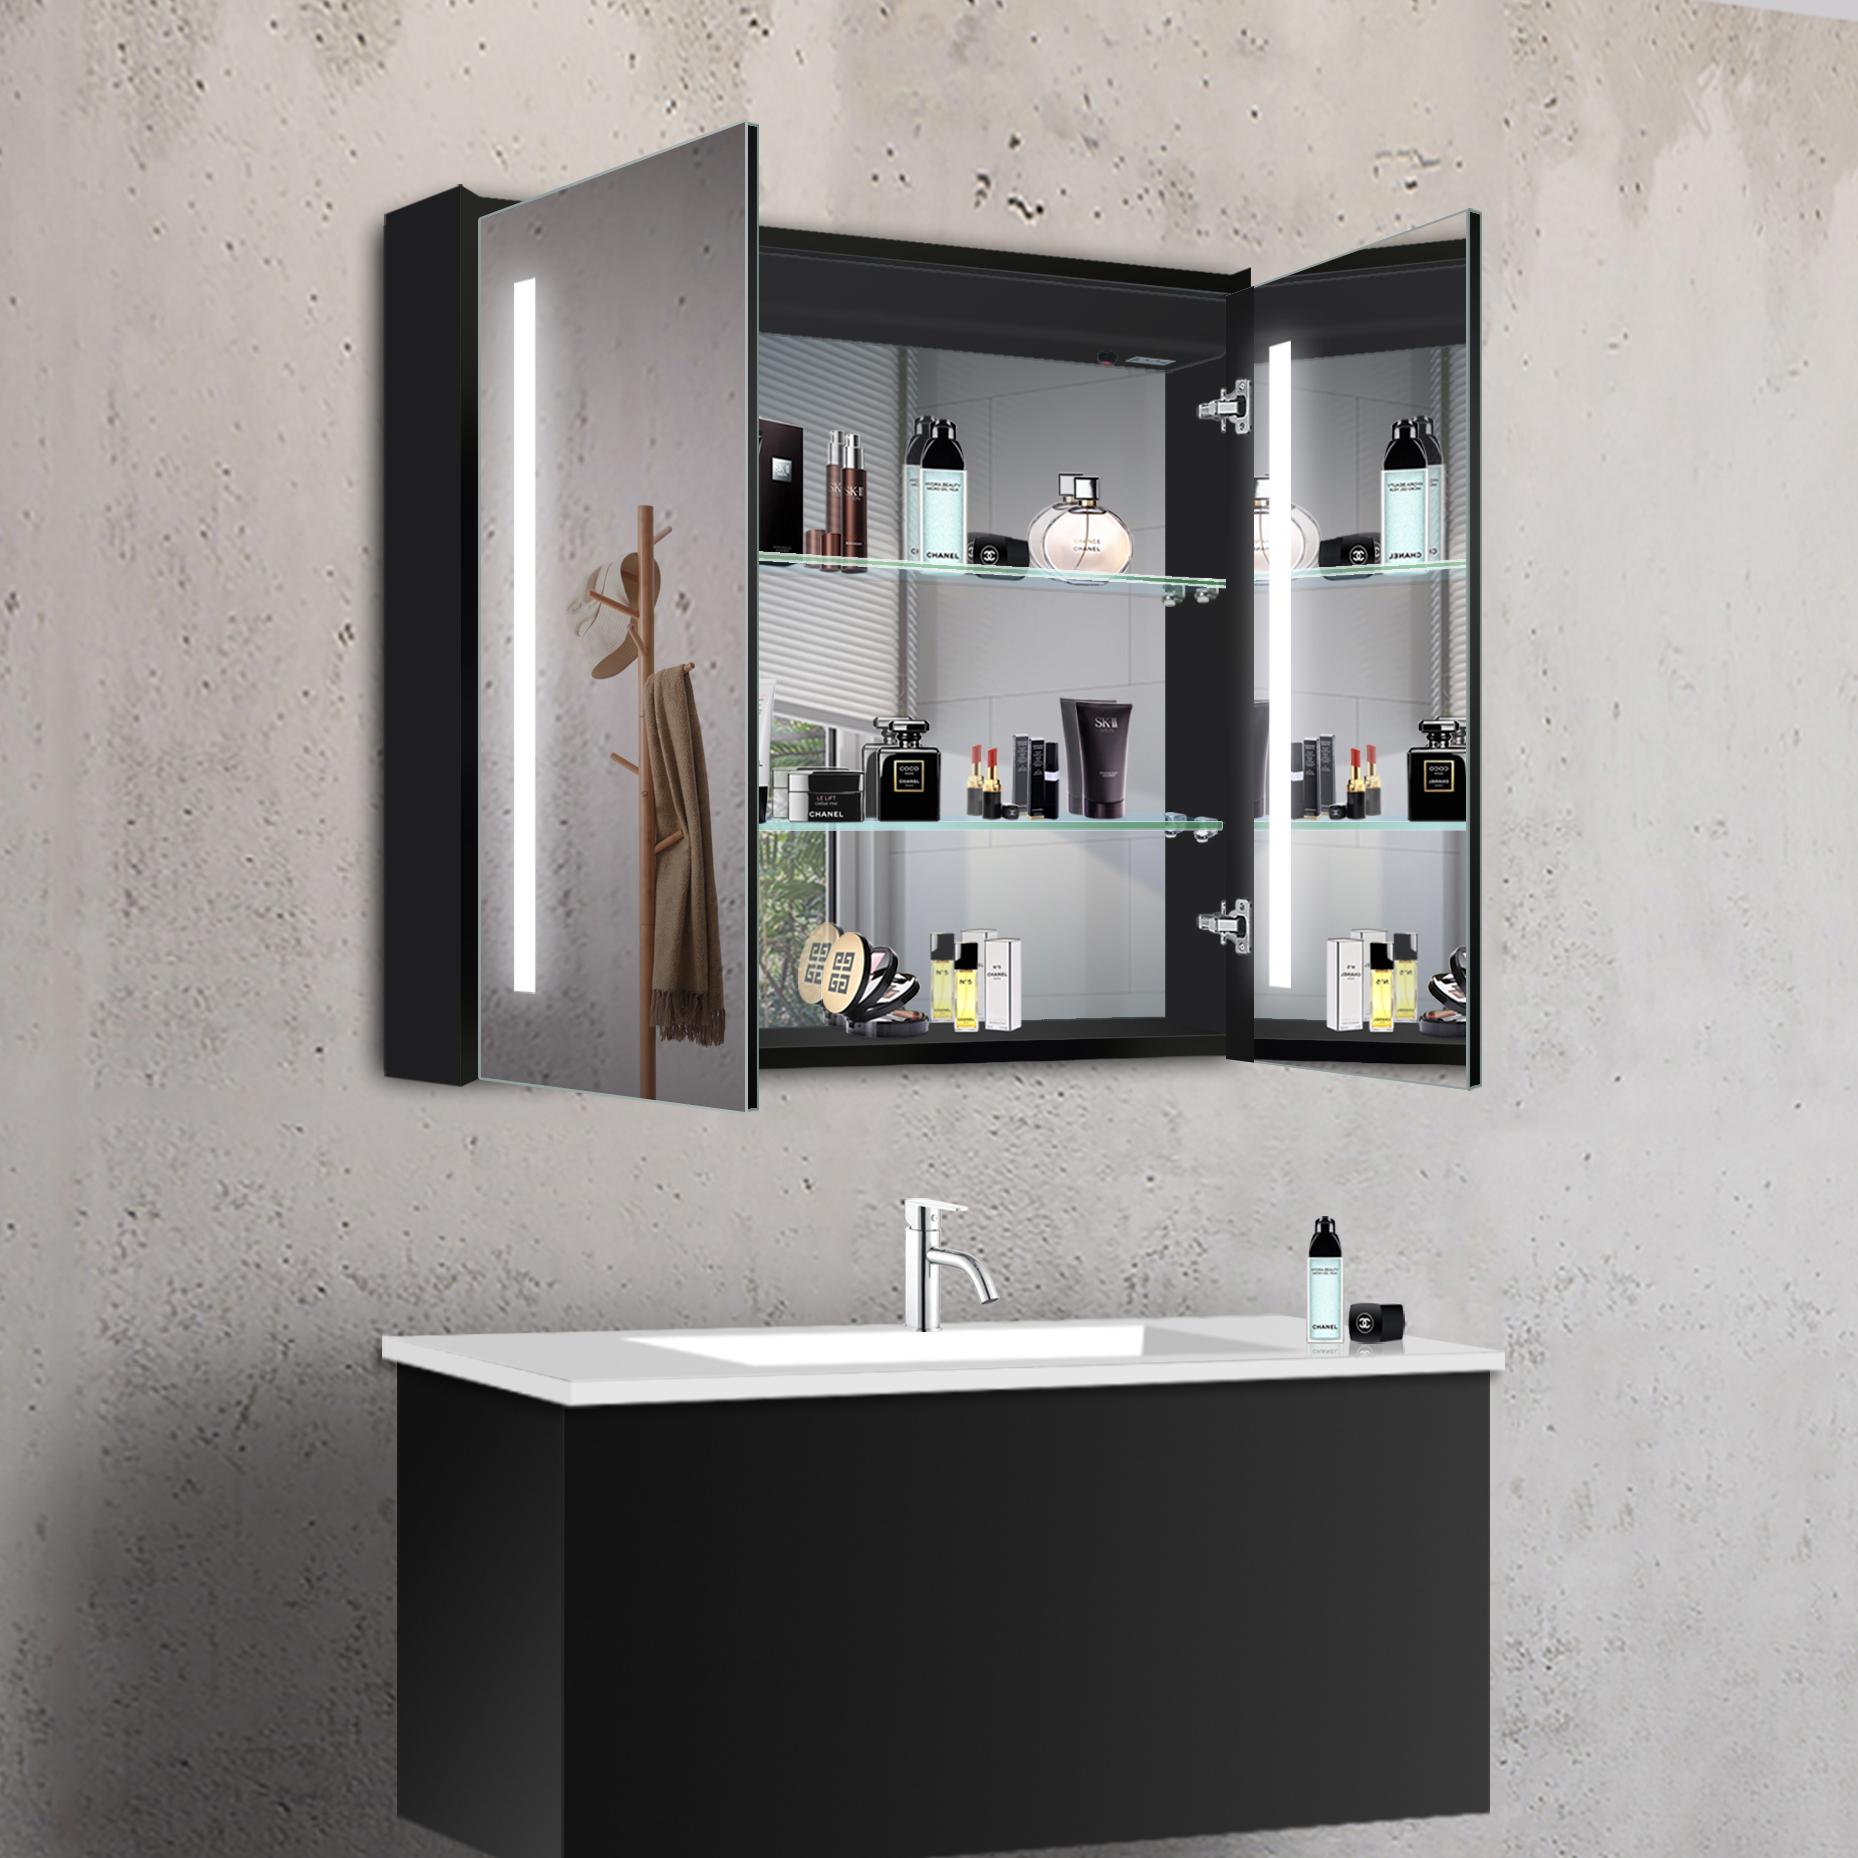 www.lux-aqua.de - Badezimmerspiegel Badspiegel Wandspiegel LED ...